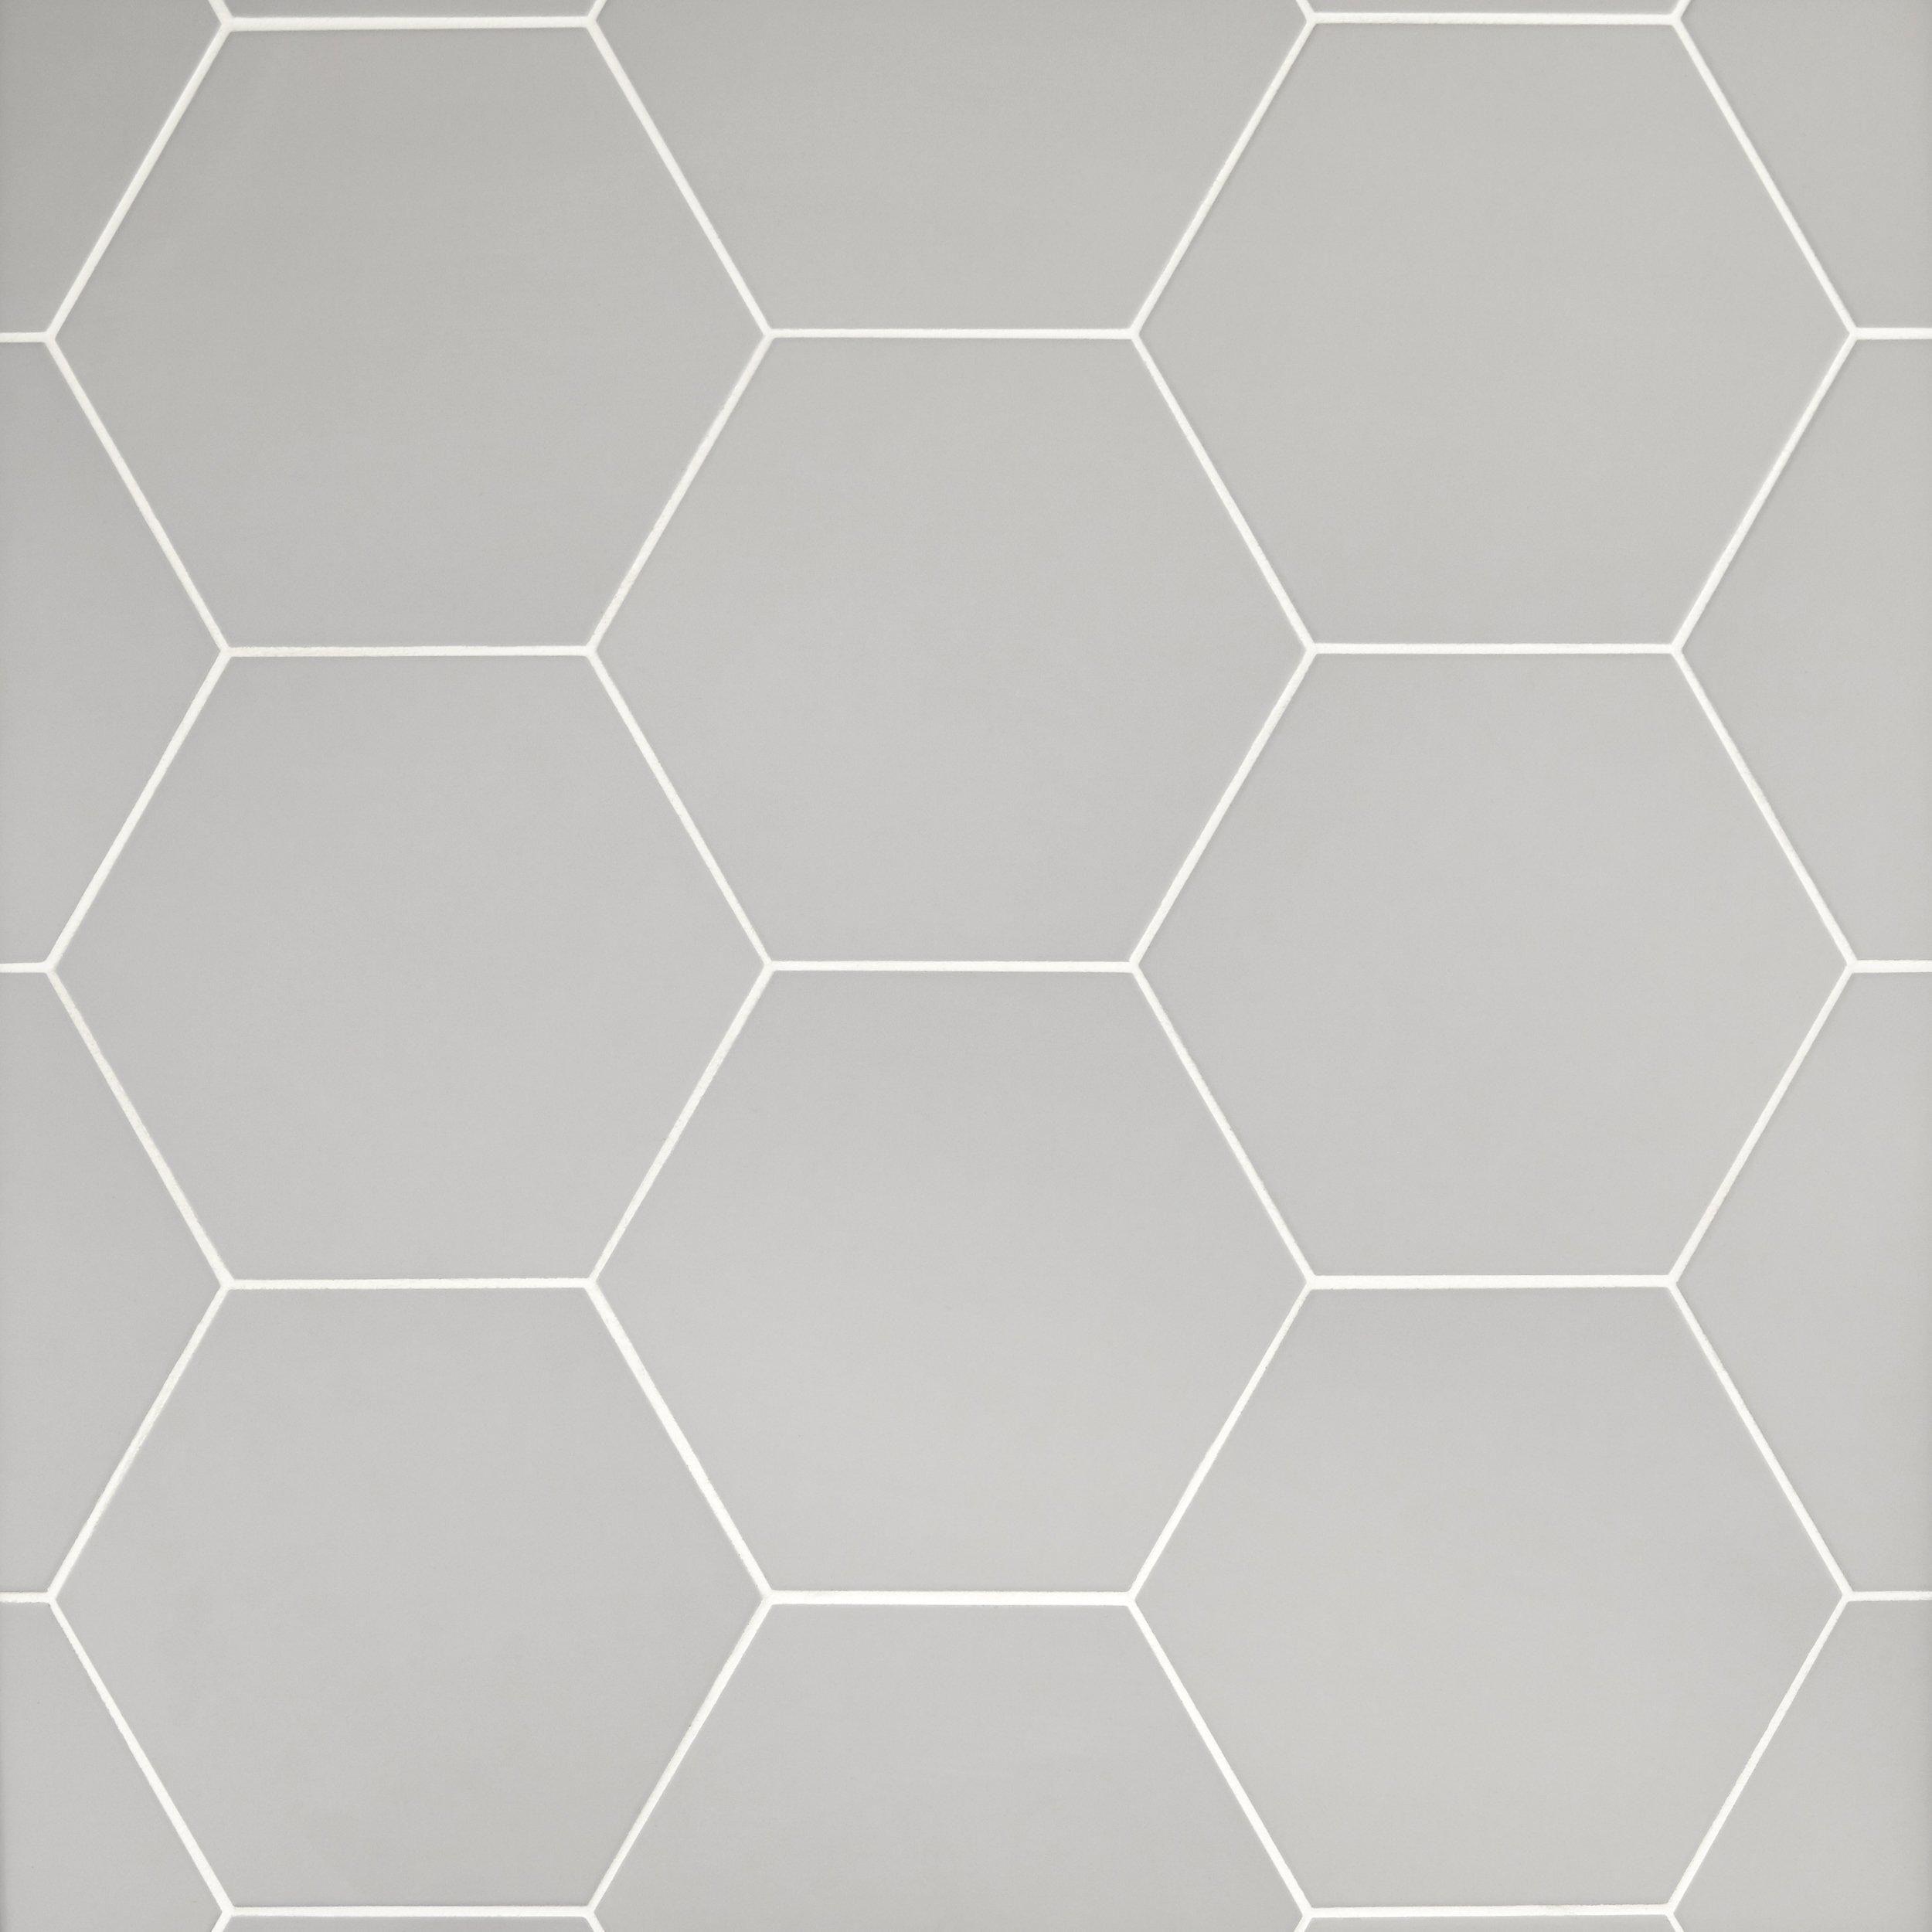 Opal Gray Hexagon Porcelain Tile Hexagon Tile Floor Patterned